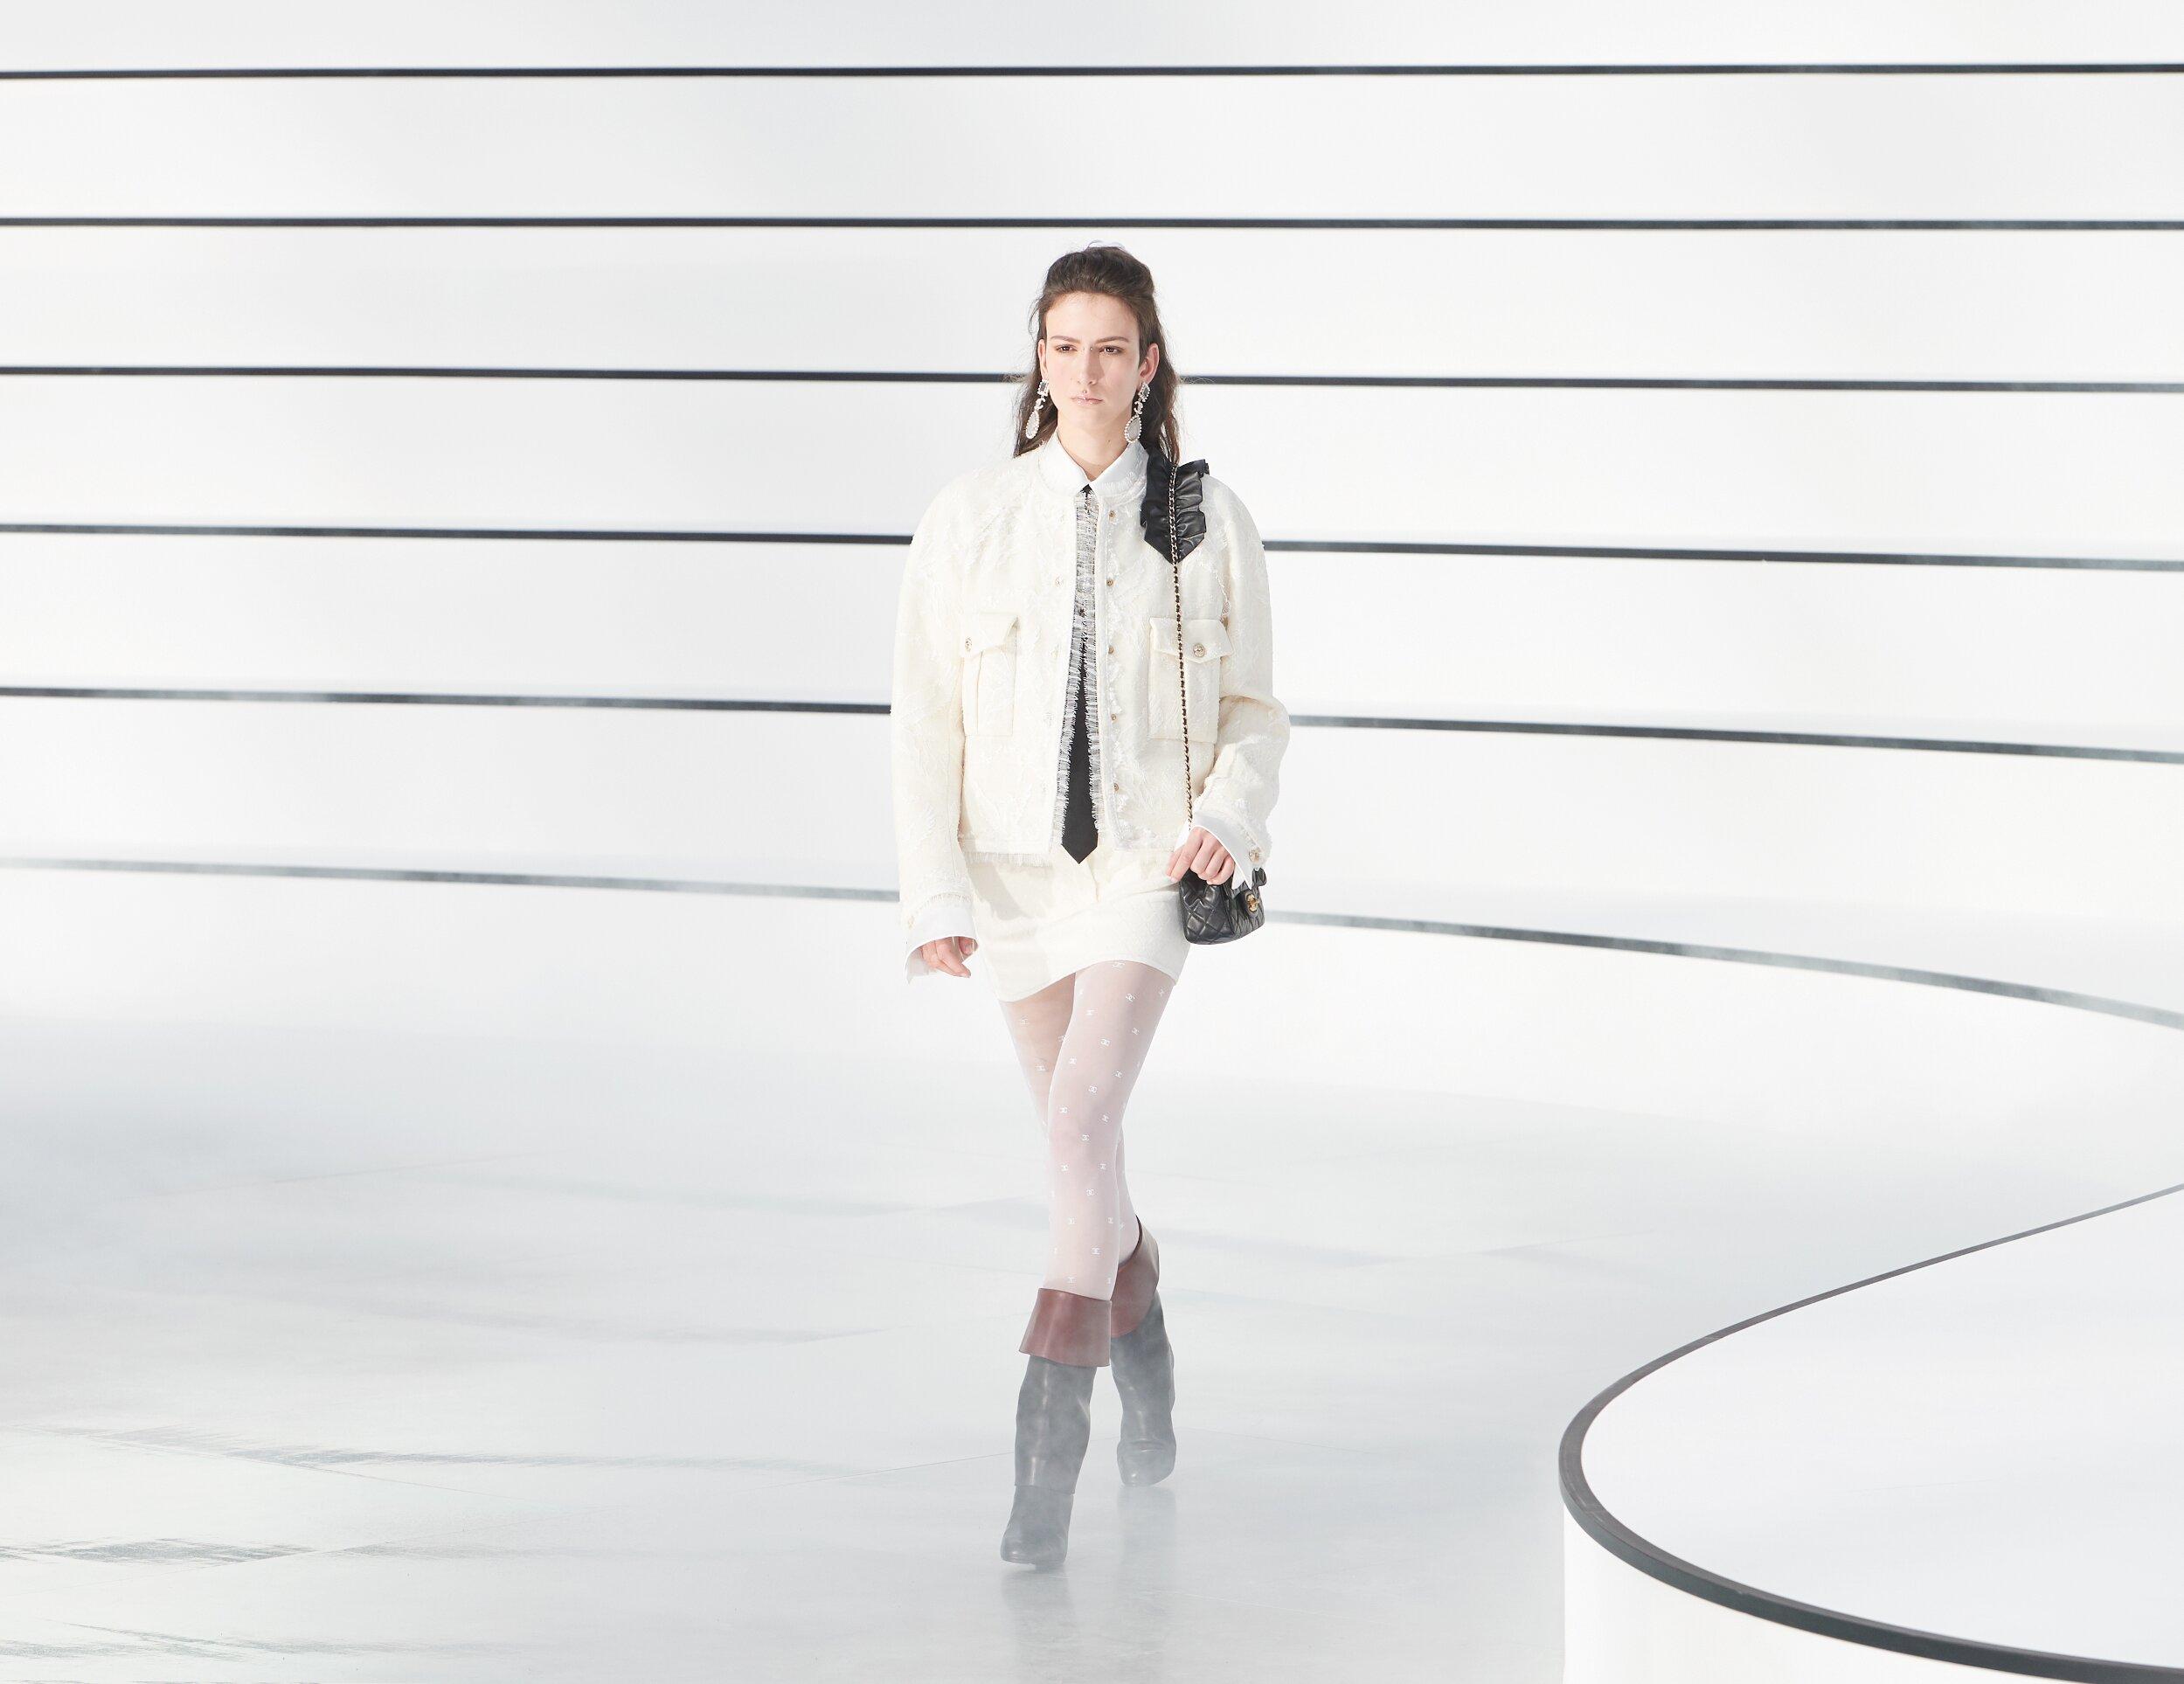 Womenswear Fall Winter Chanel 2020 Trends